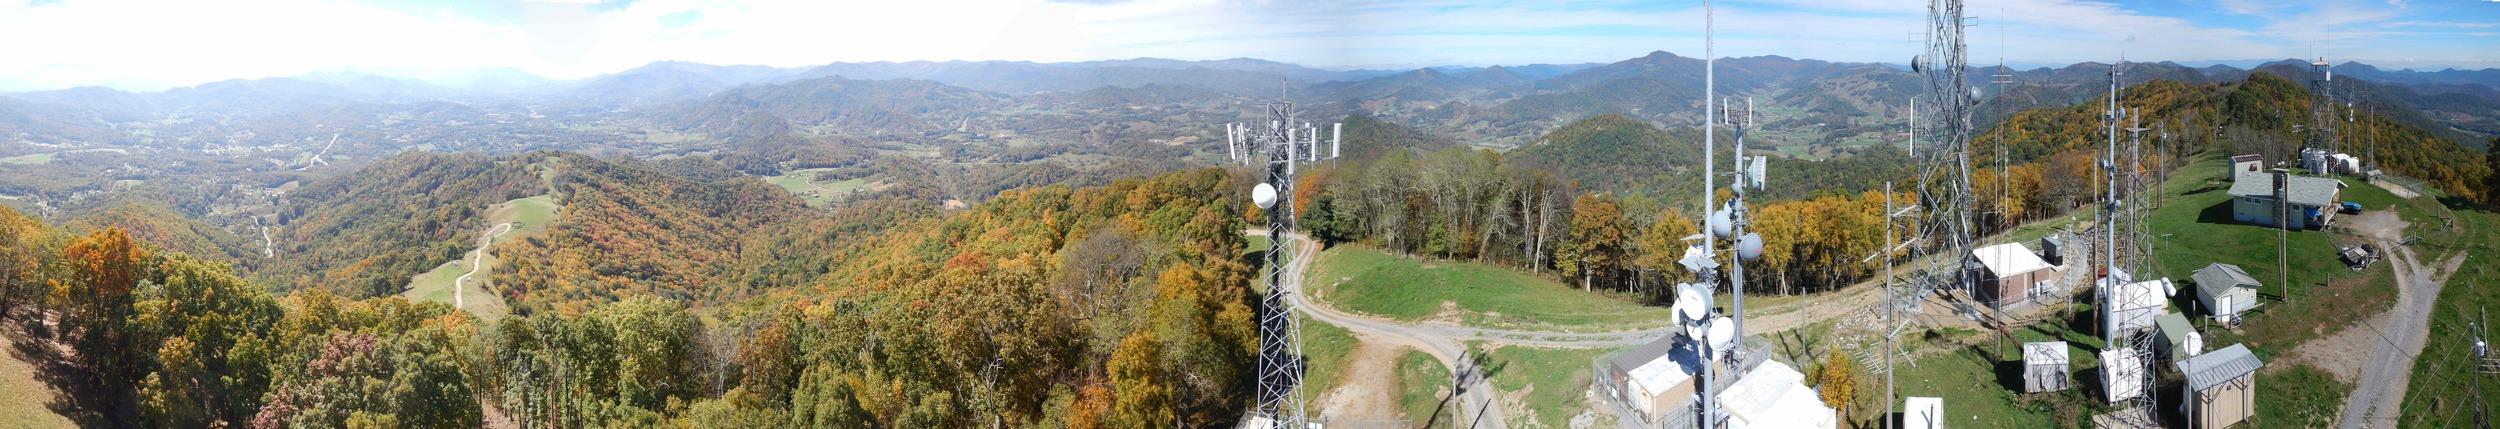 Tower Farm- Asheville, NC 2013